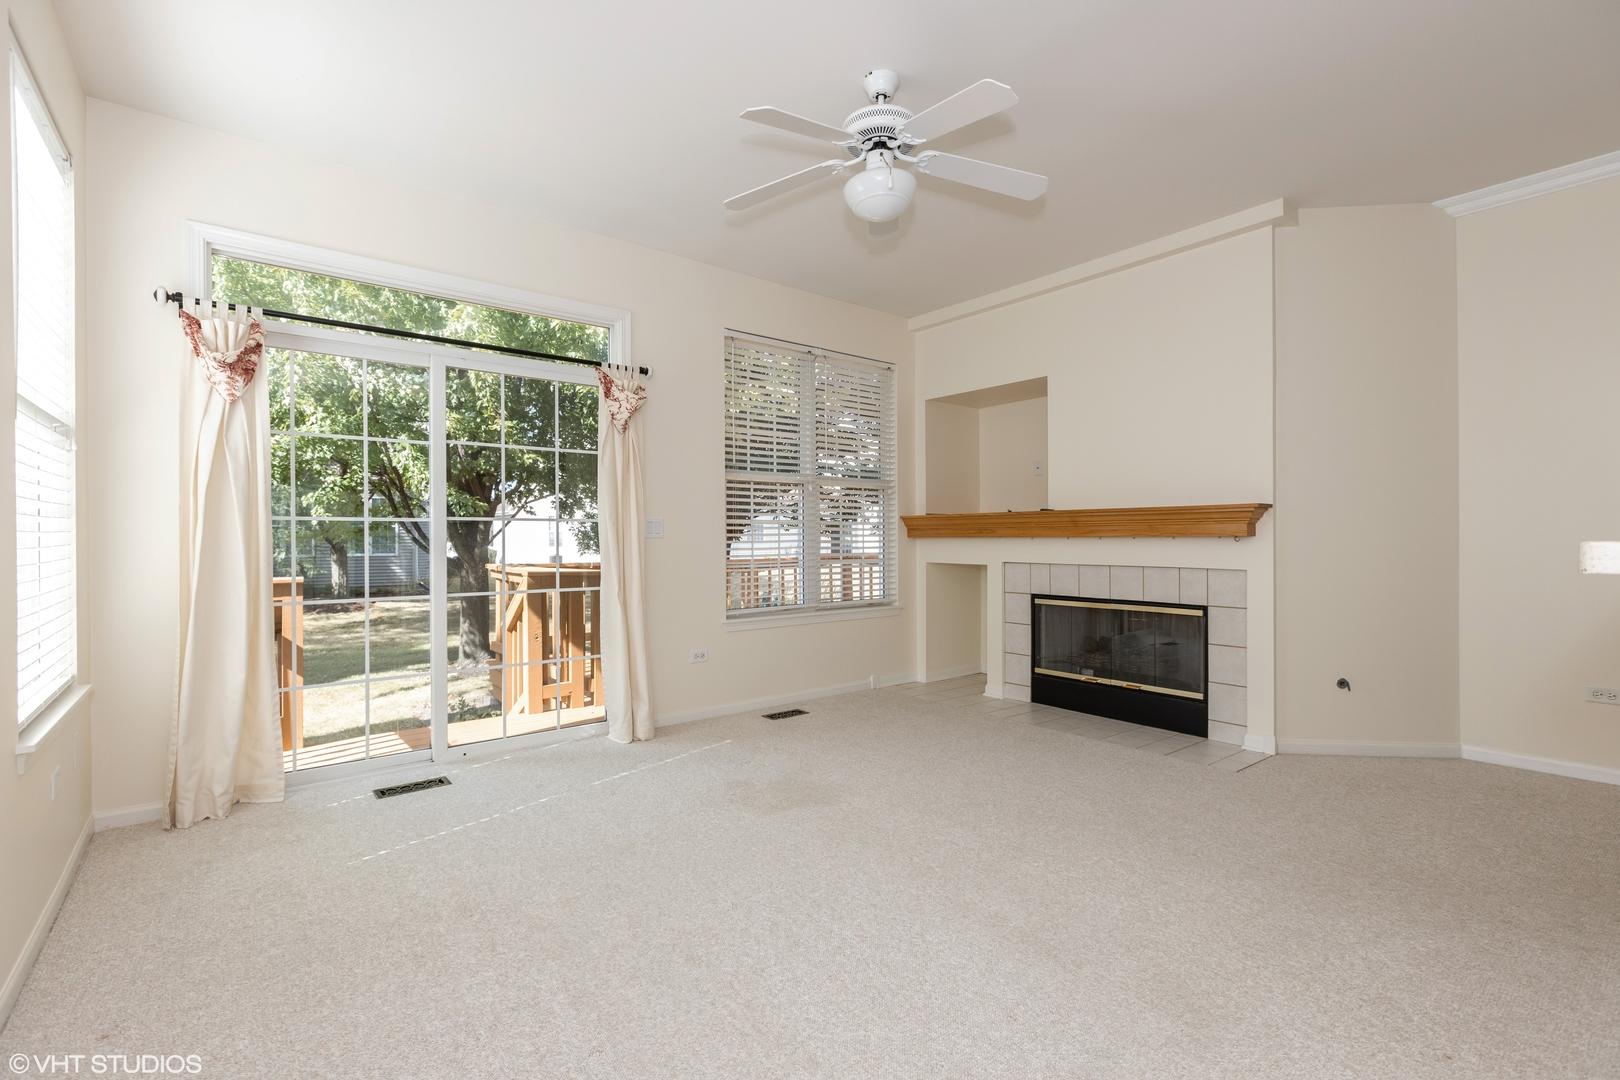 16166 Sencea Lake, Crest Hill, Illinois, 60403